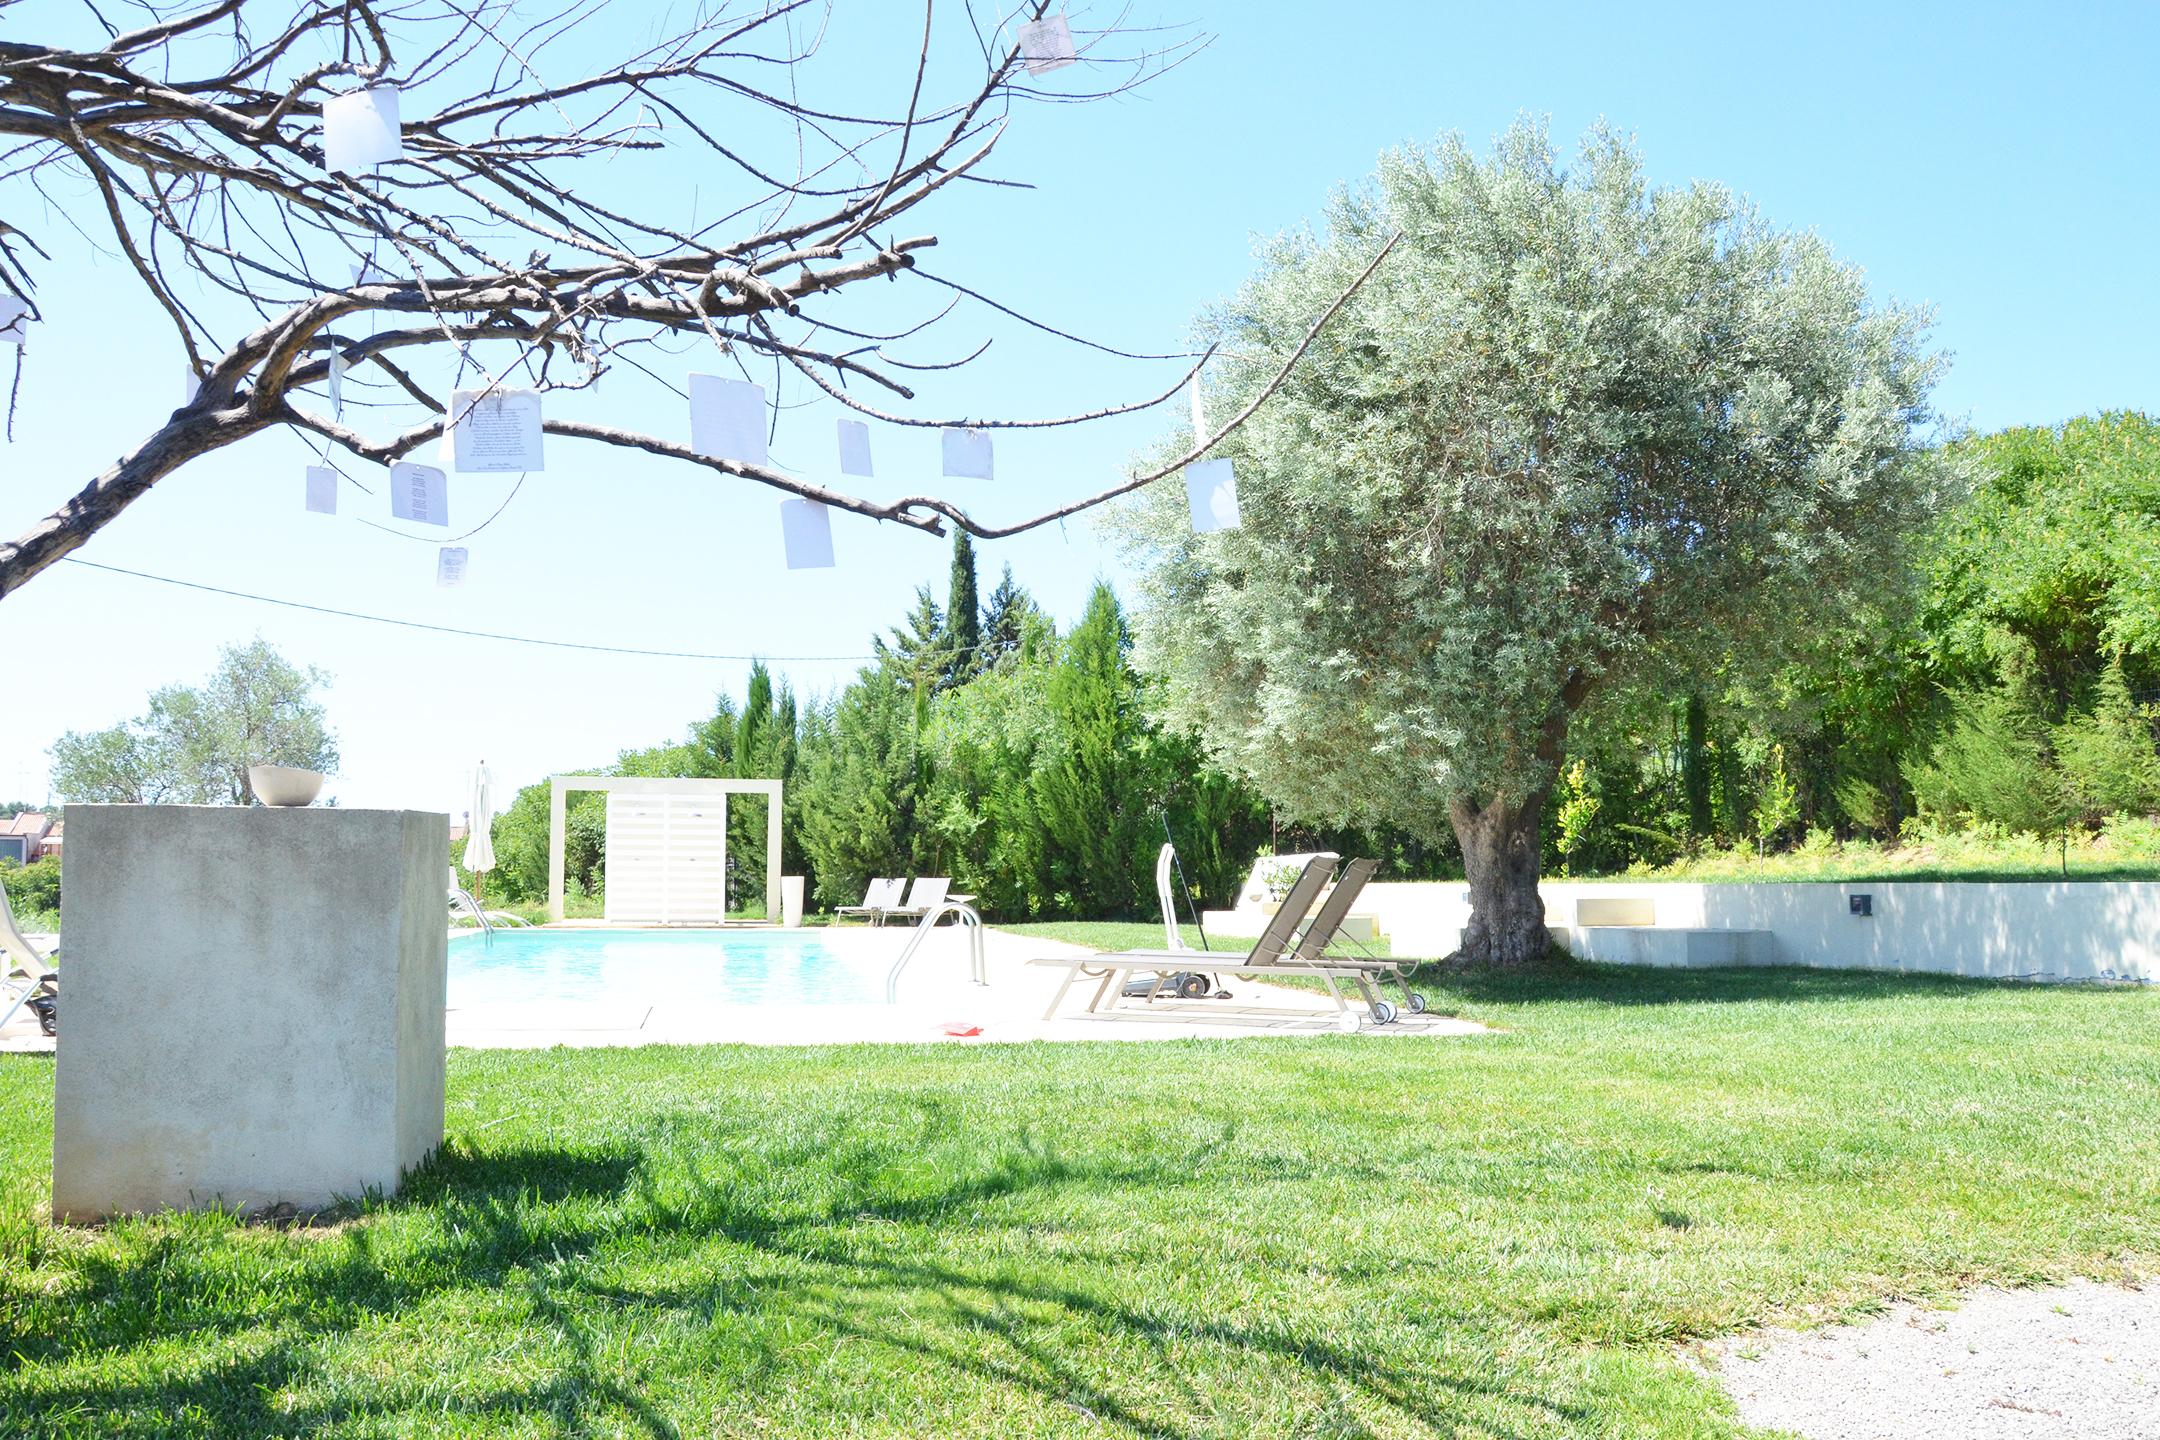 bed-and-breakfast-sicilia-alessia-canella-B&B-giardino-siciliano